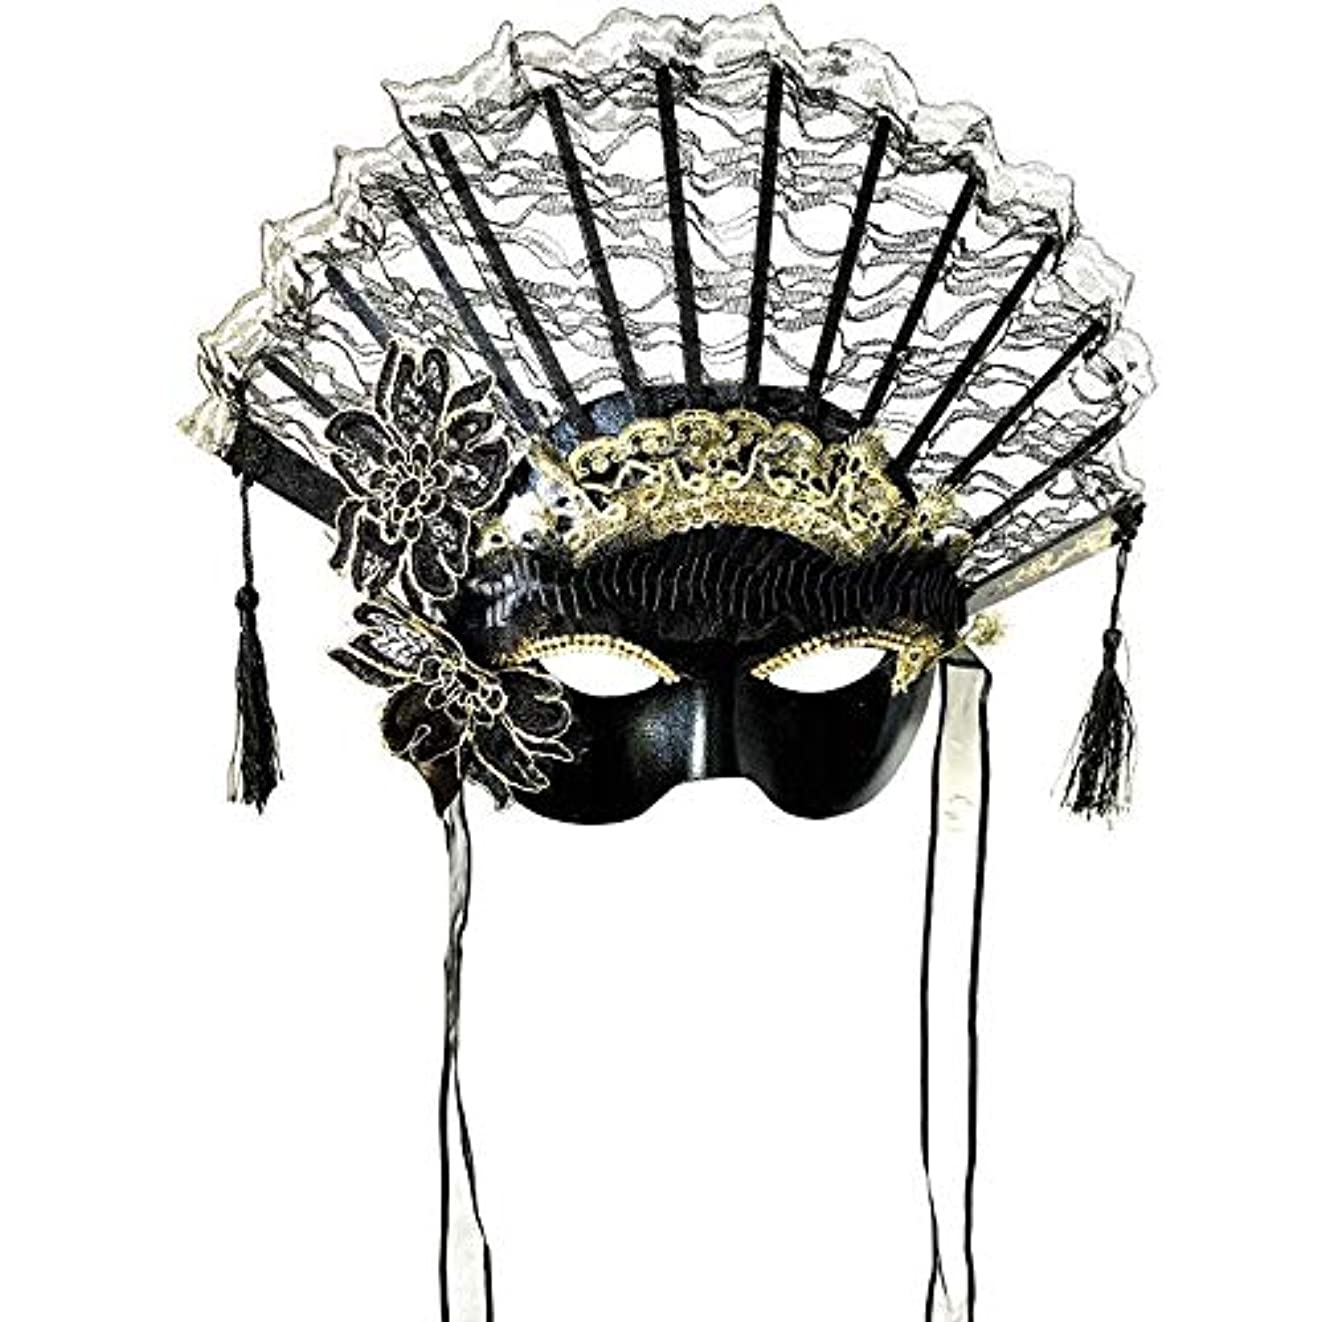 パッド雰囲気ライムNanle ハロウィンクリスマスレースファンシェイプフラワーフリンジビーズマスク仮装マスクレディミスプリンセス美容祭パーティーデコレーションマスク (色 : Black B)